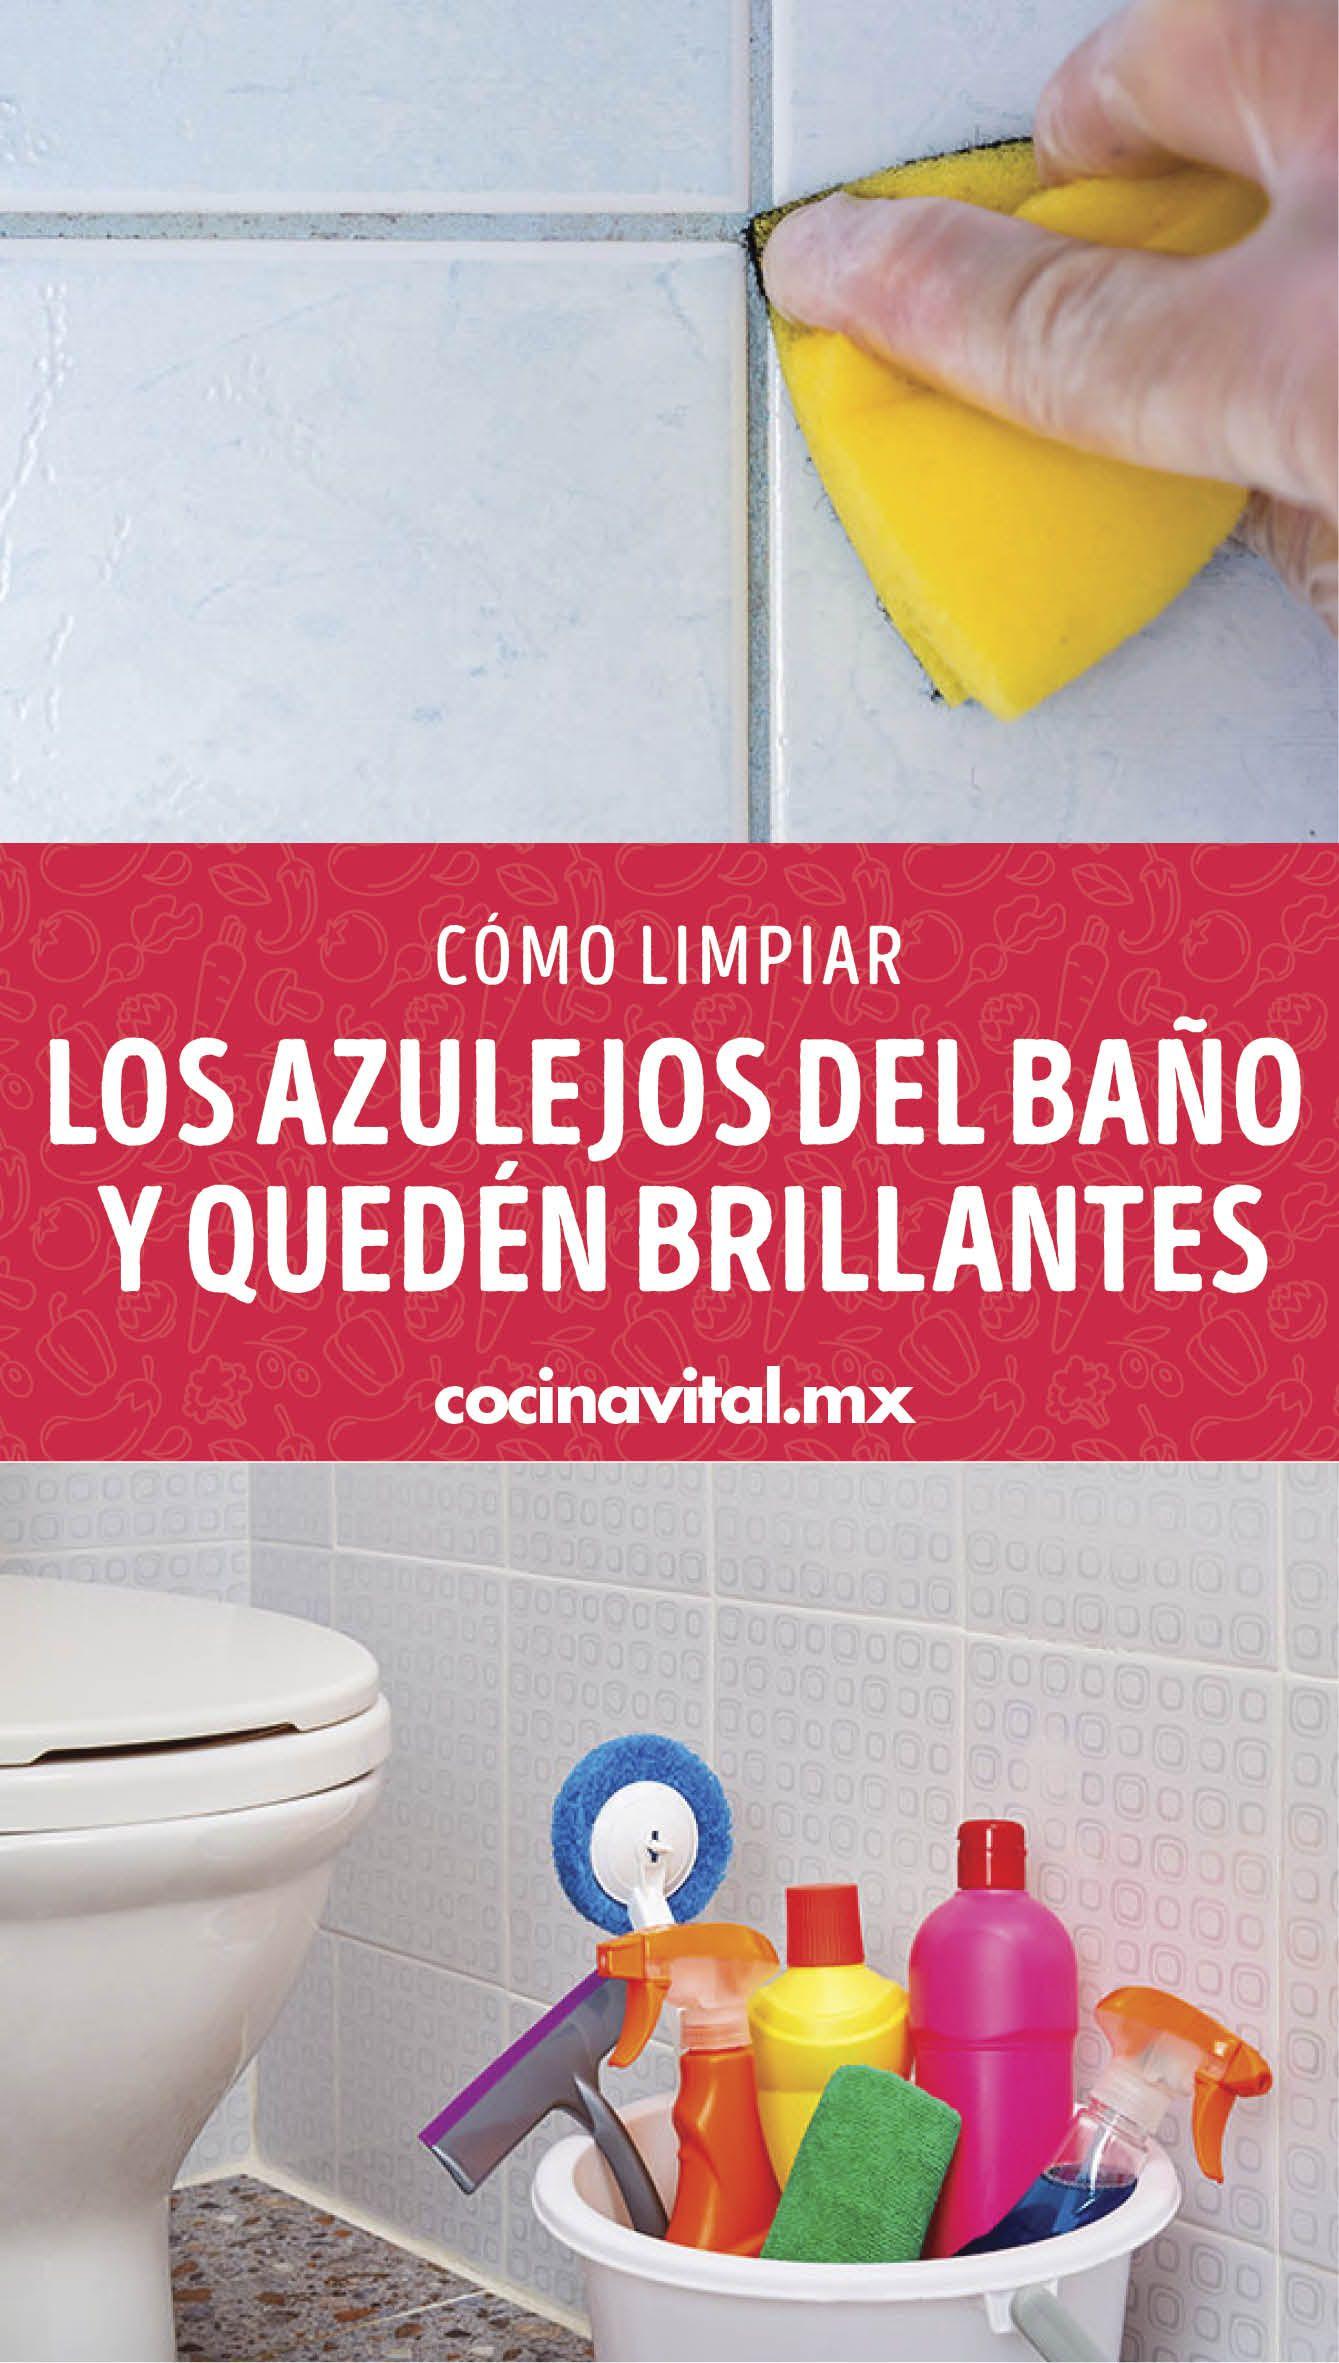 Cómo Limpiar Los Azulejos Del Baño Para Que Queden Brillantes En 2020 Limpieza De Inodoros Limpieza De Azulejos De Baño Trucos De Limpieza